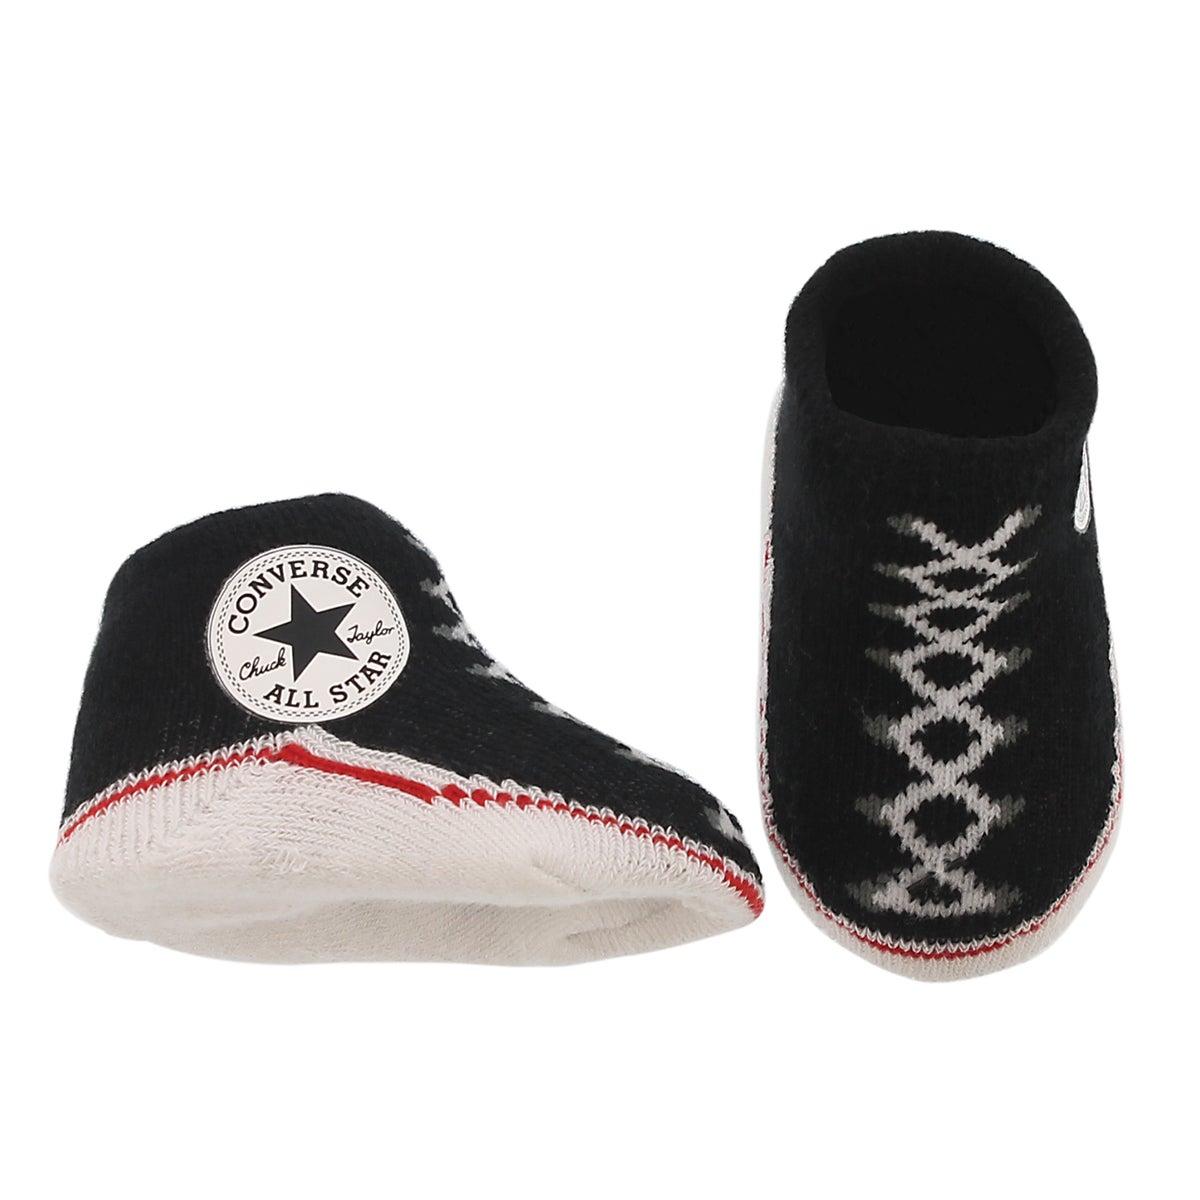 Tuque et chaussons CONVERSE, noir, bébés